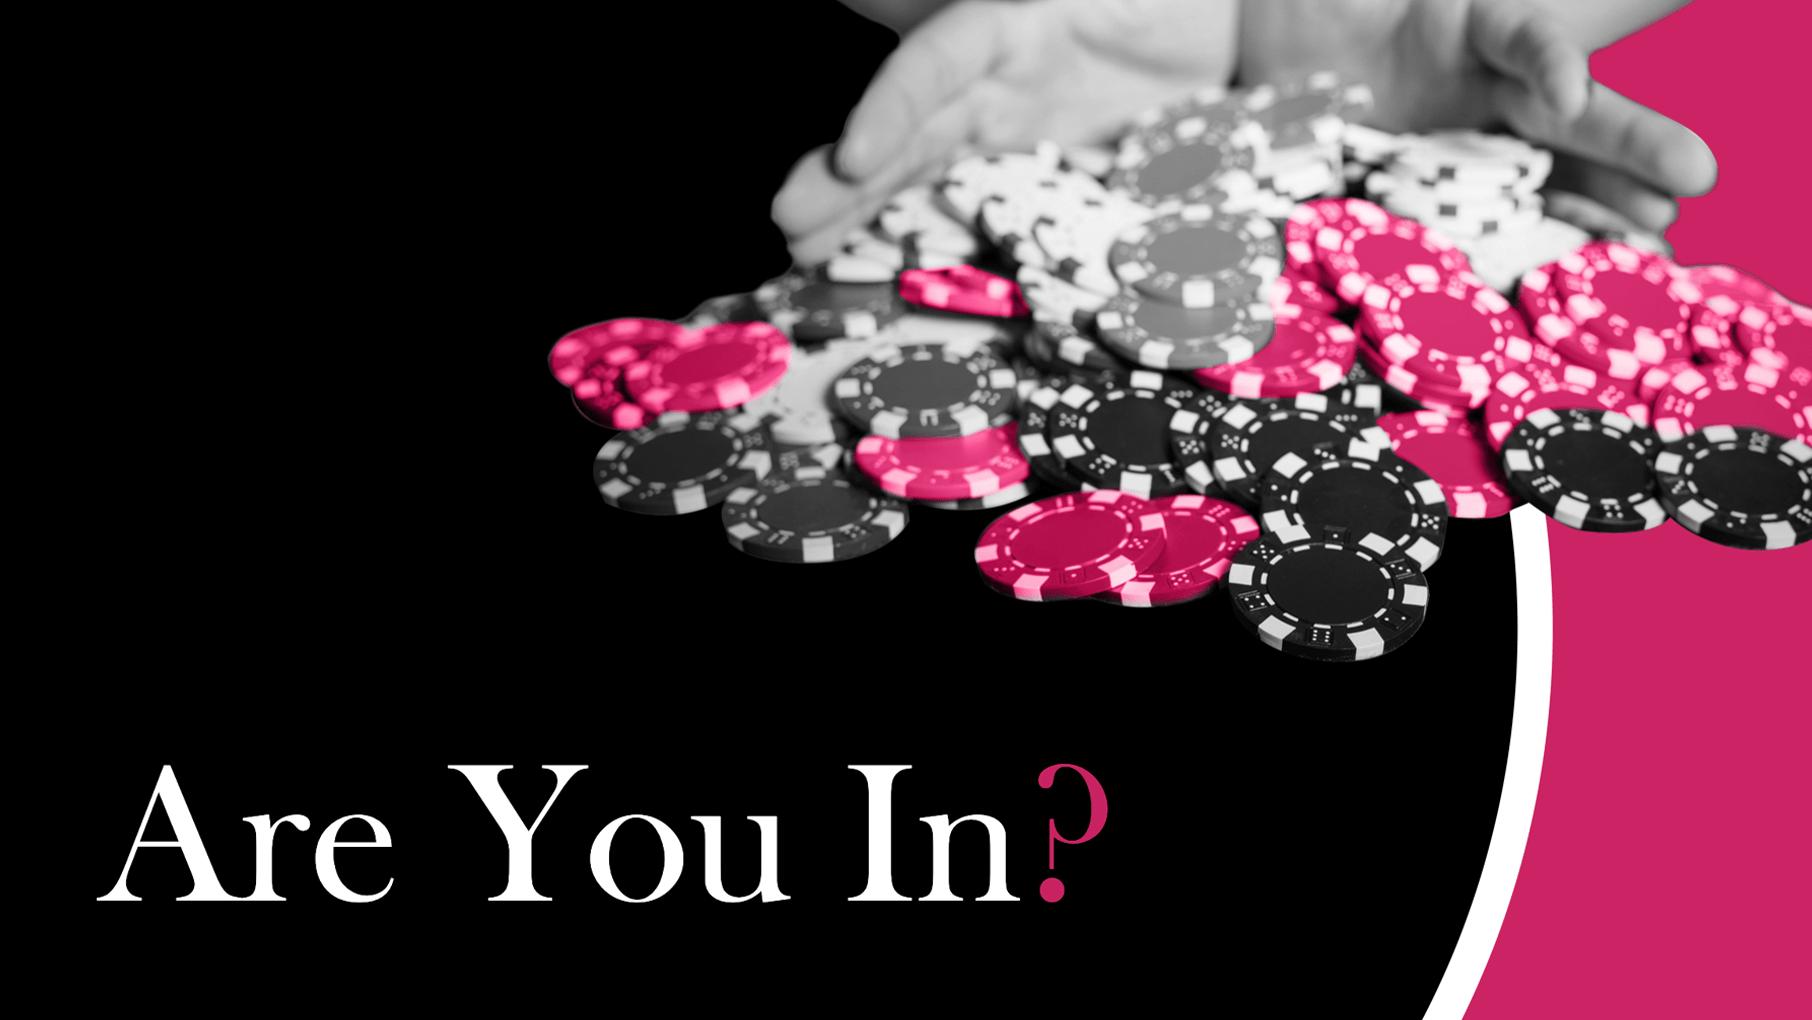 Poker Divas - Are you in?